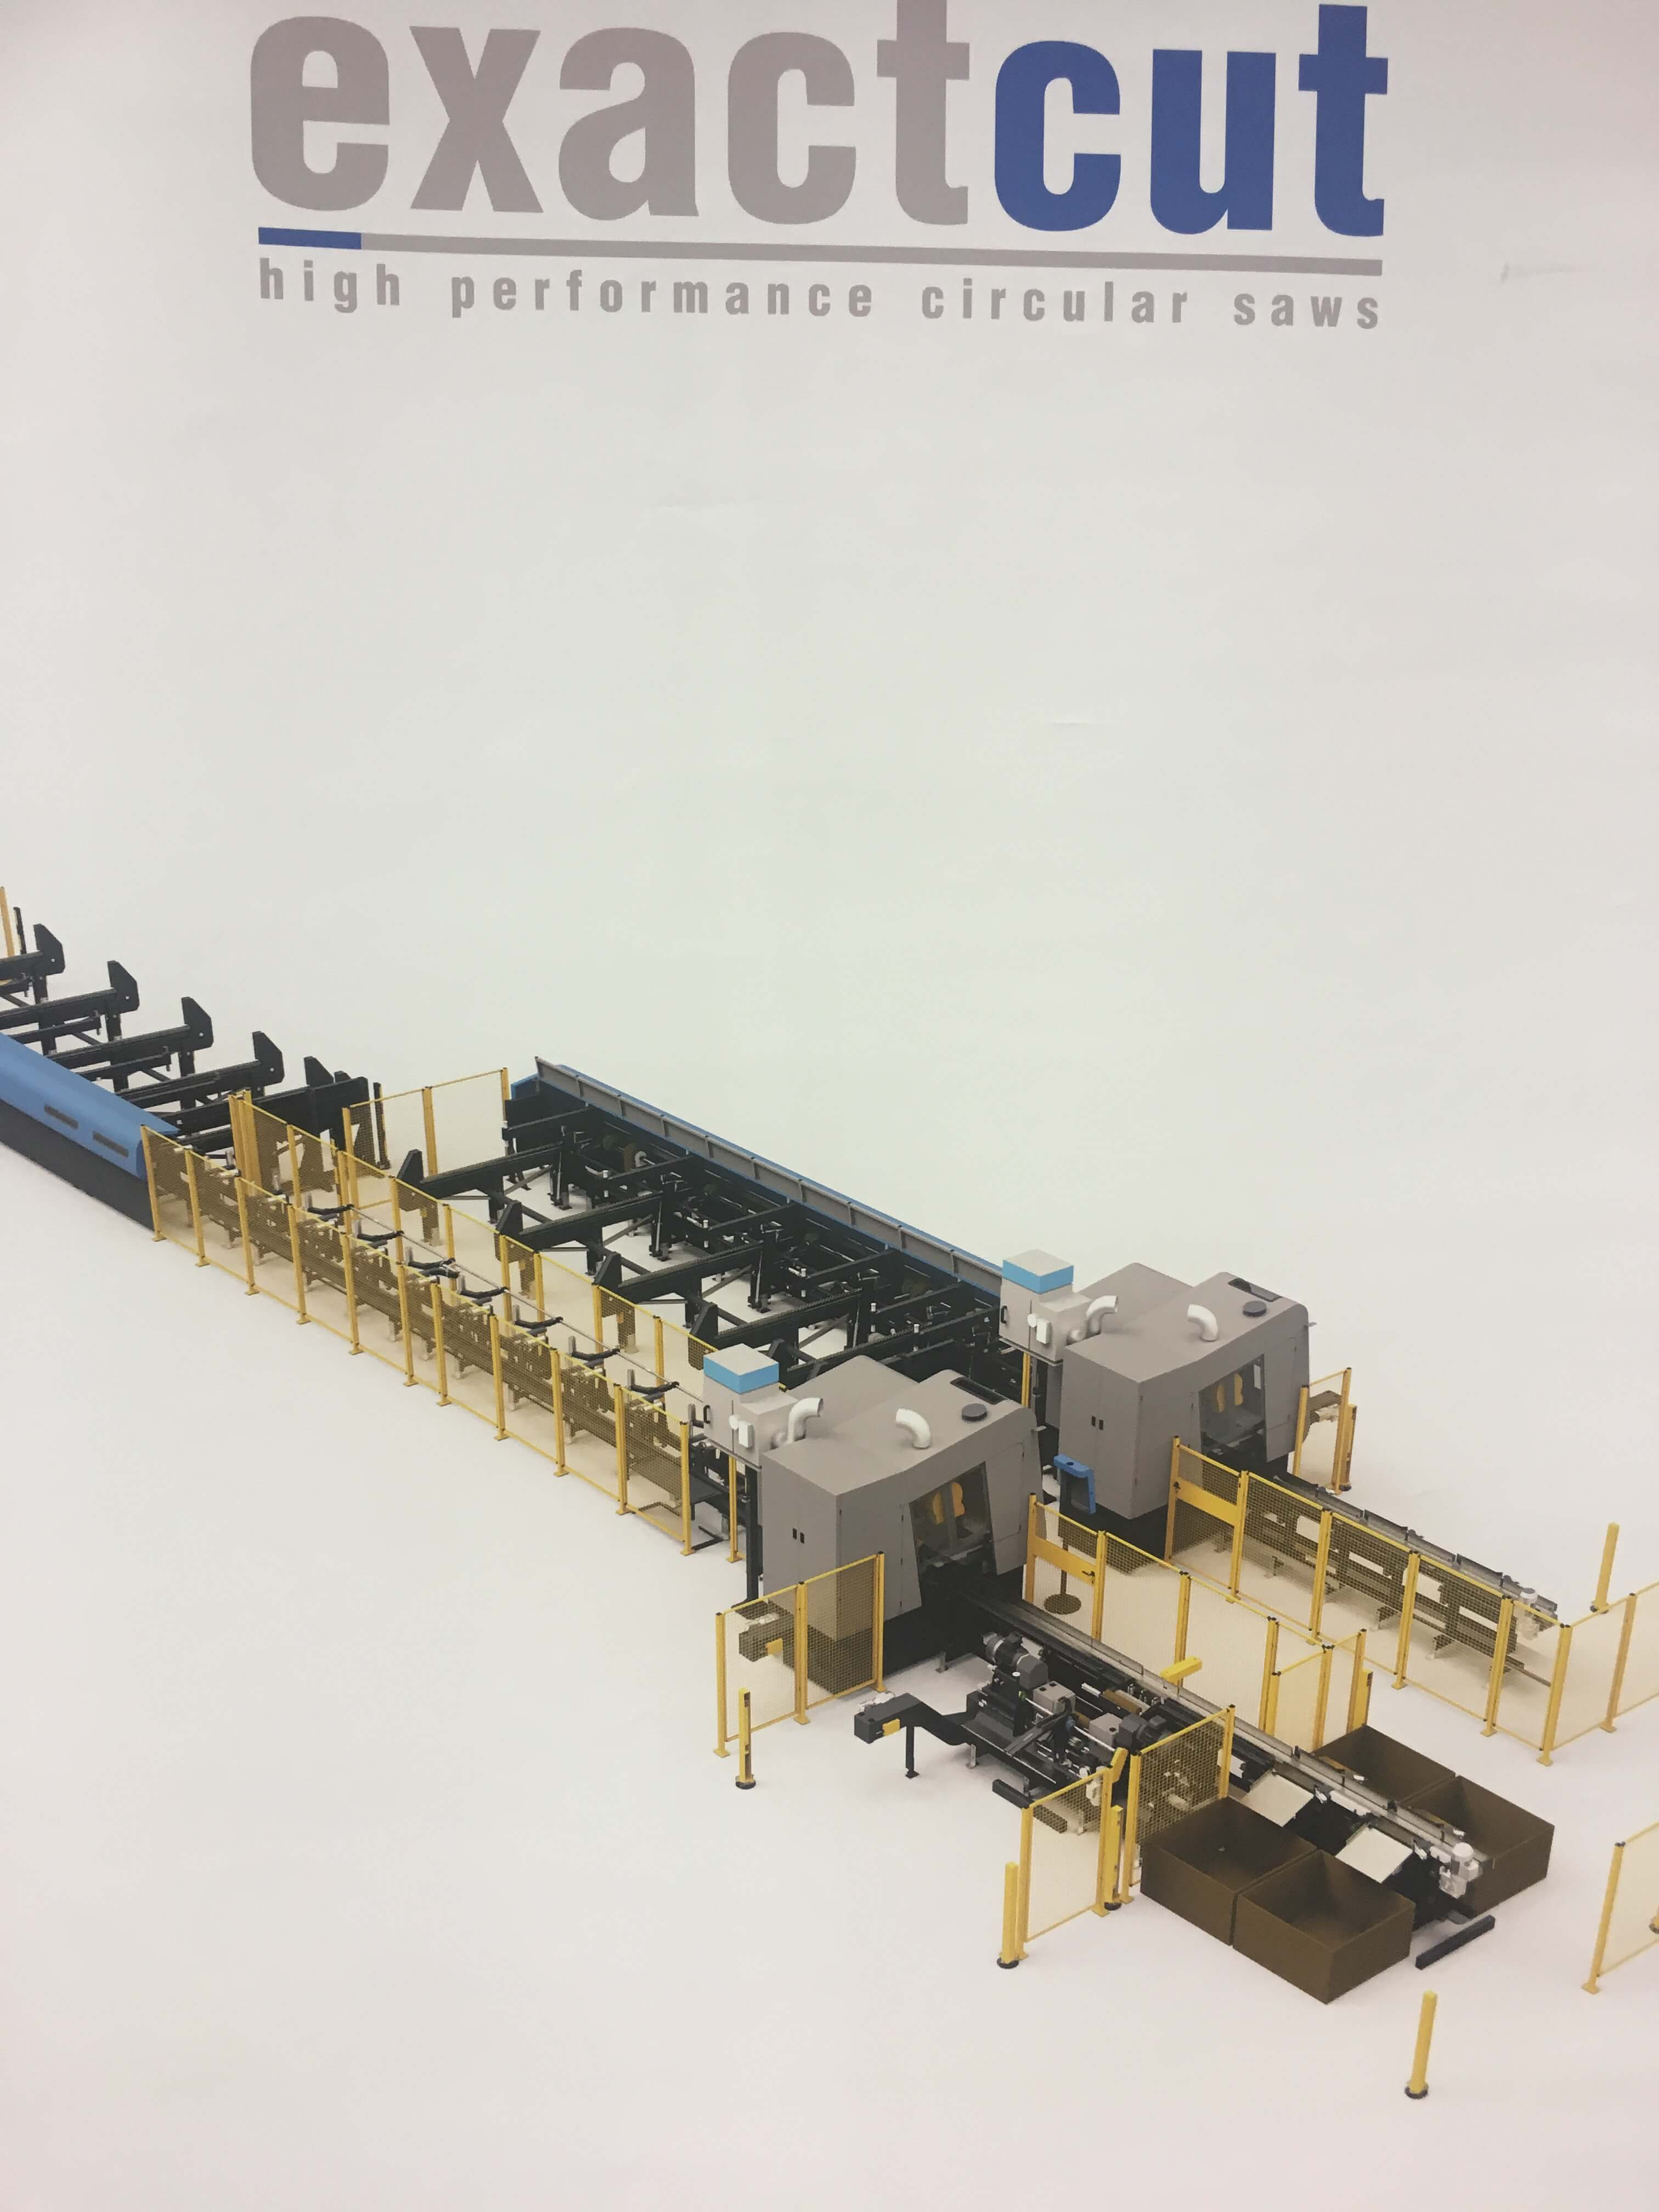 AR Filtrazioni | Filtrazione lubrorefiregerazione taglio sega circolare, nebbie oleose e fumi